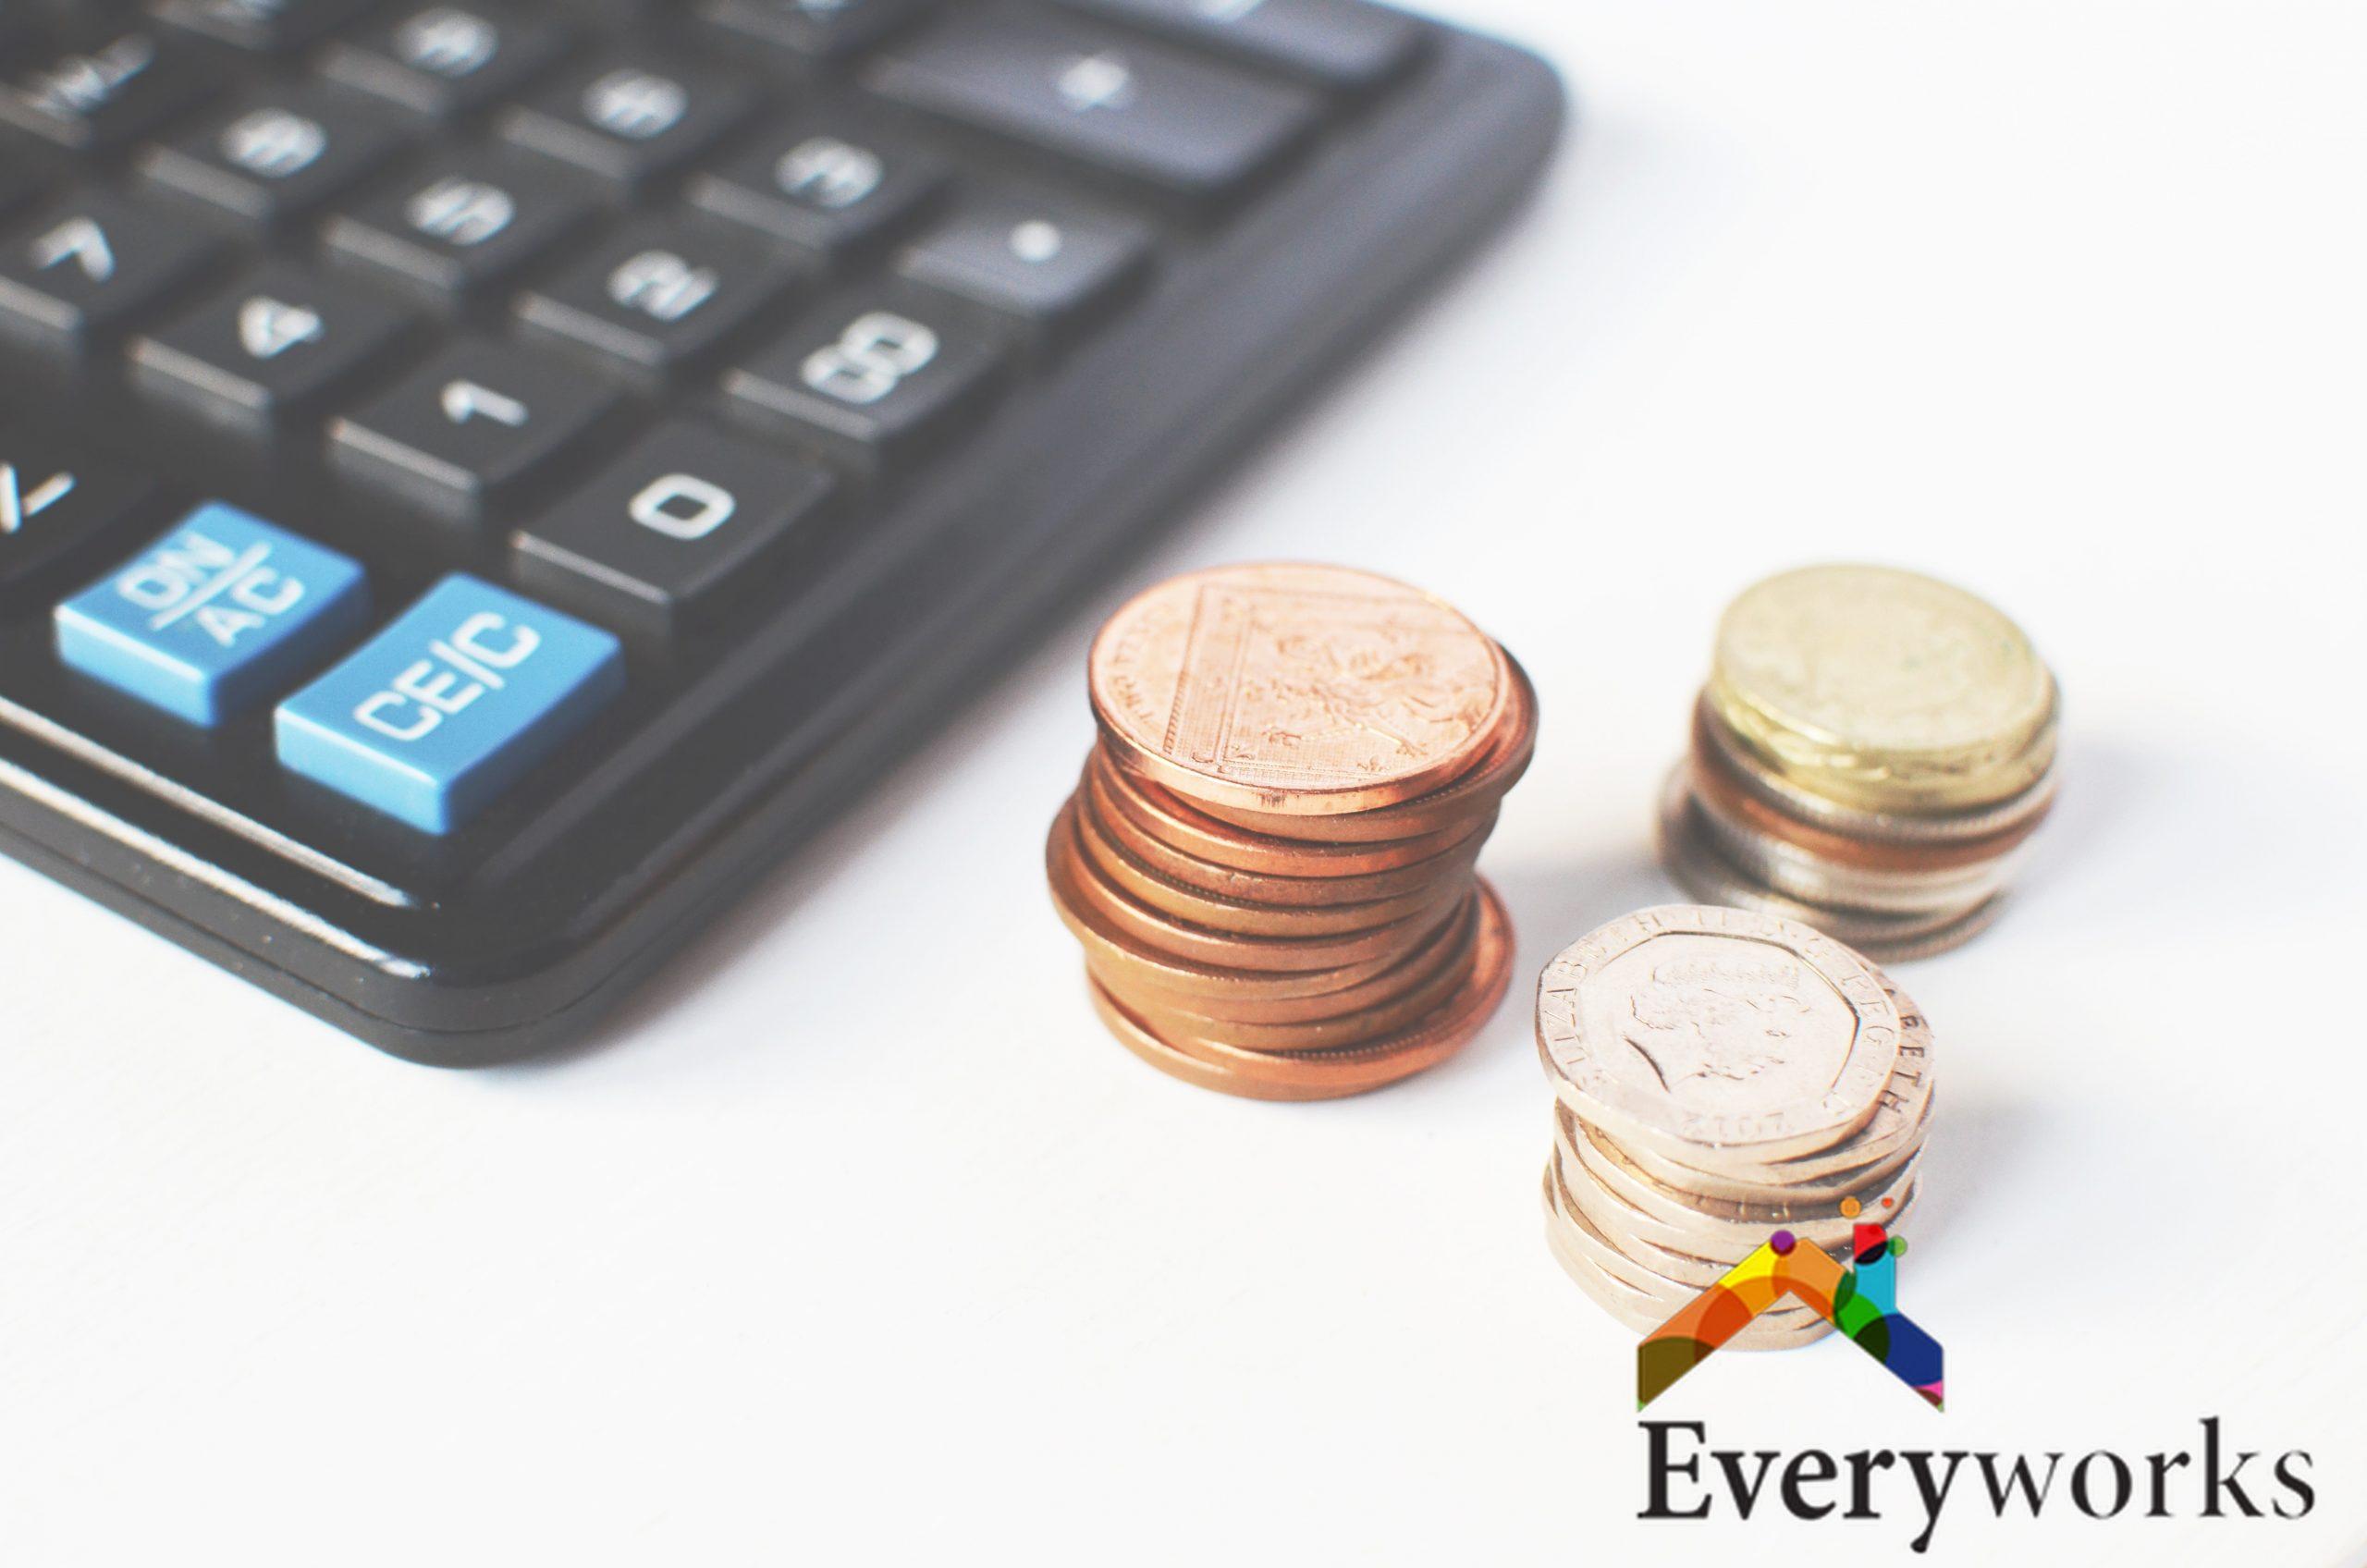 caluclator-and-coins-everyworks-handyman-singapore_wm